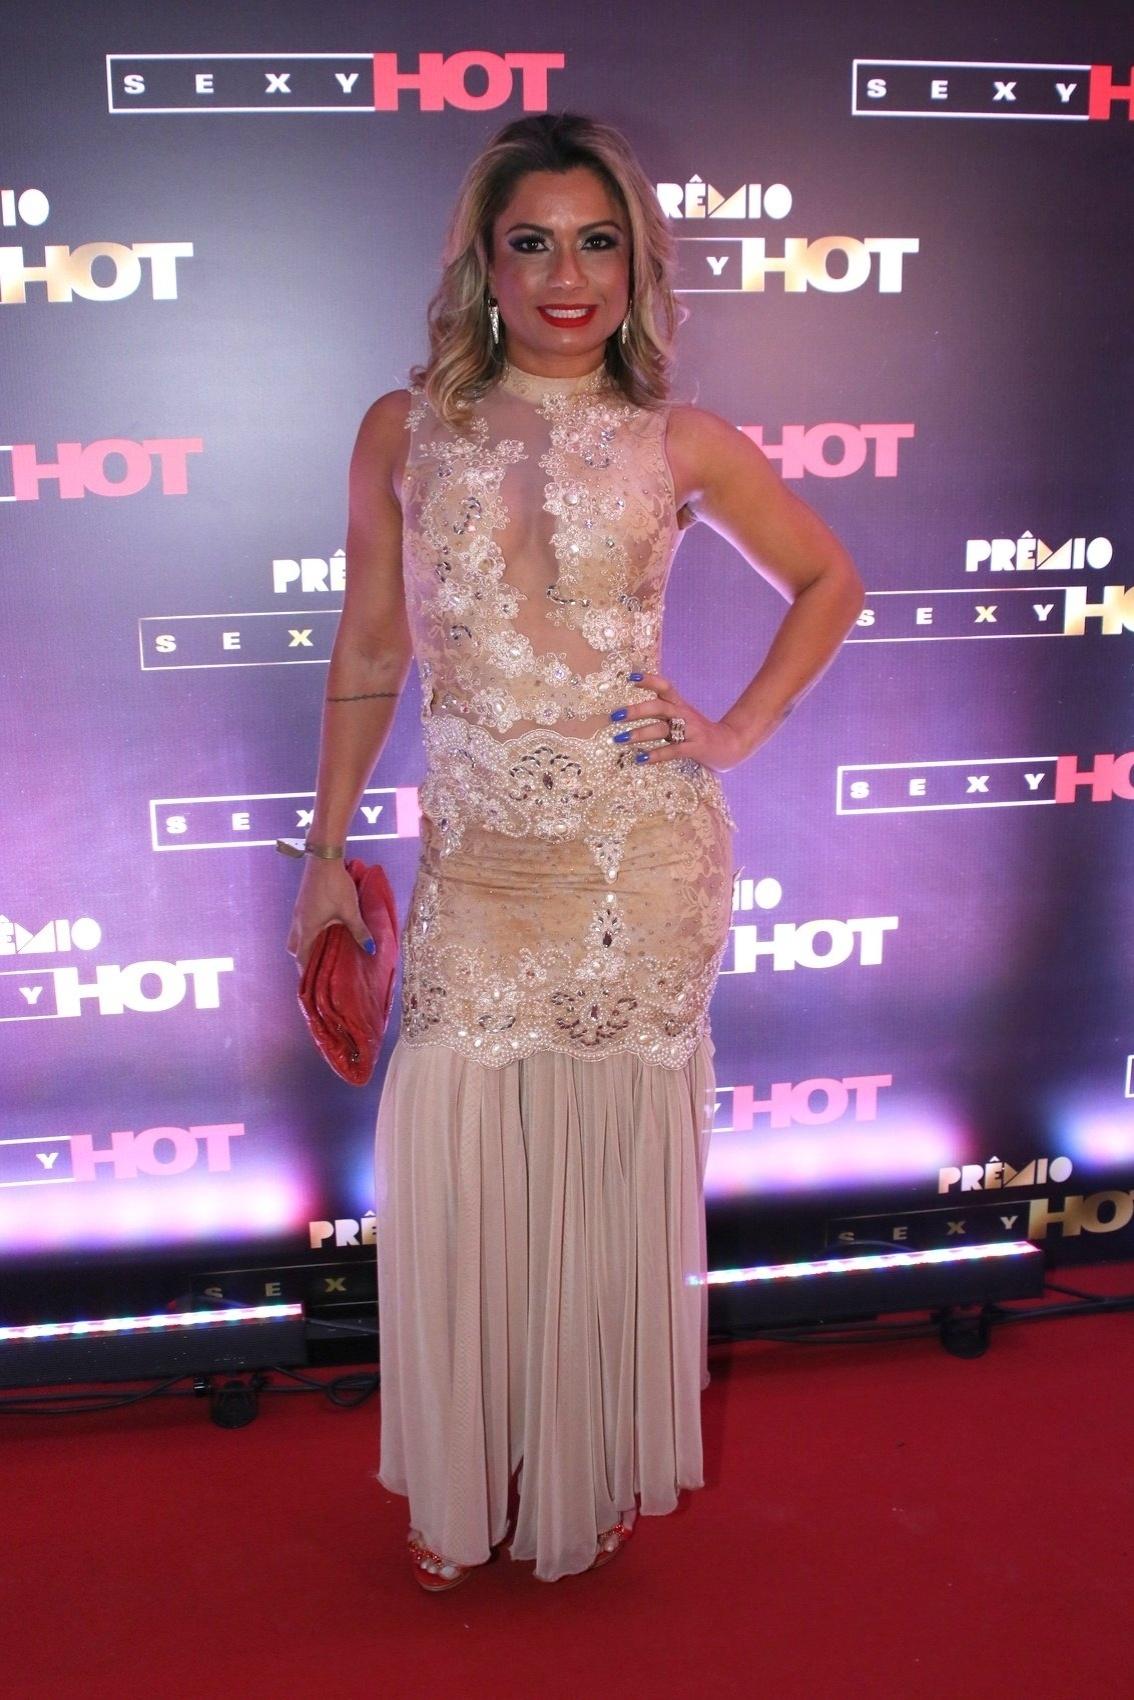 18.ago.2015 - Dani Sperle na segunda edição do prêmio Sexy Hot, que reconhece as melhores produções eróticas do Brasil, nesta terça-feira na Vila Olímpia em São Paulo